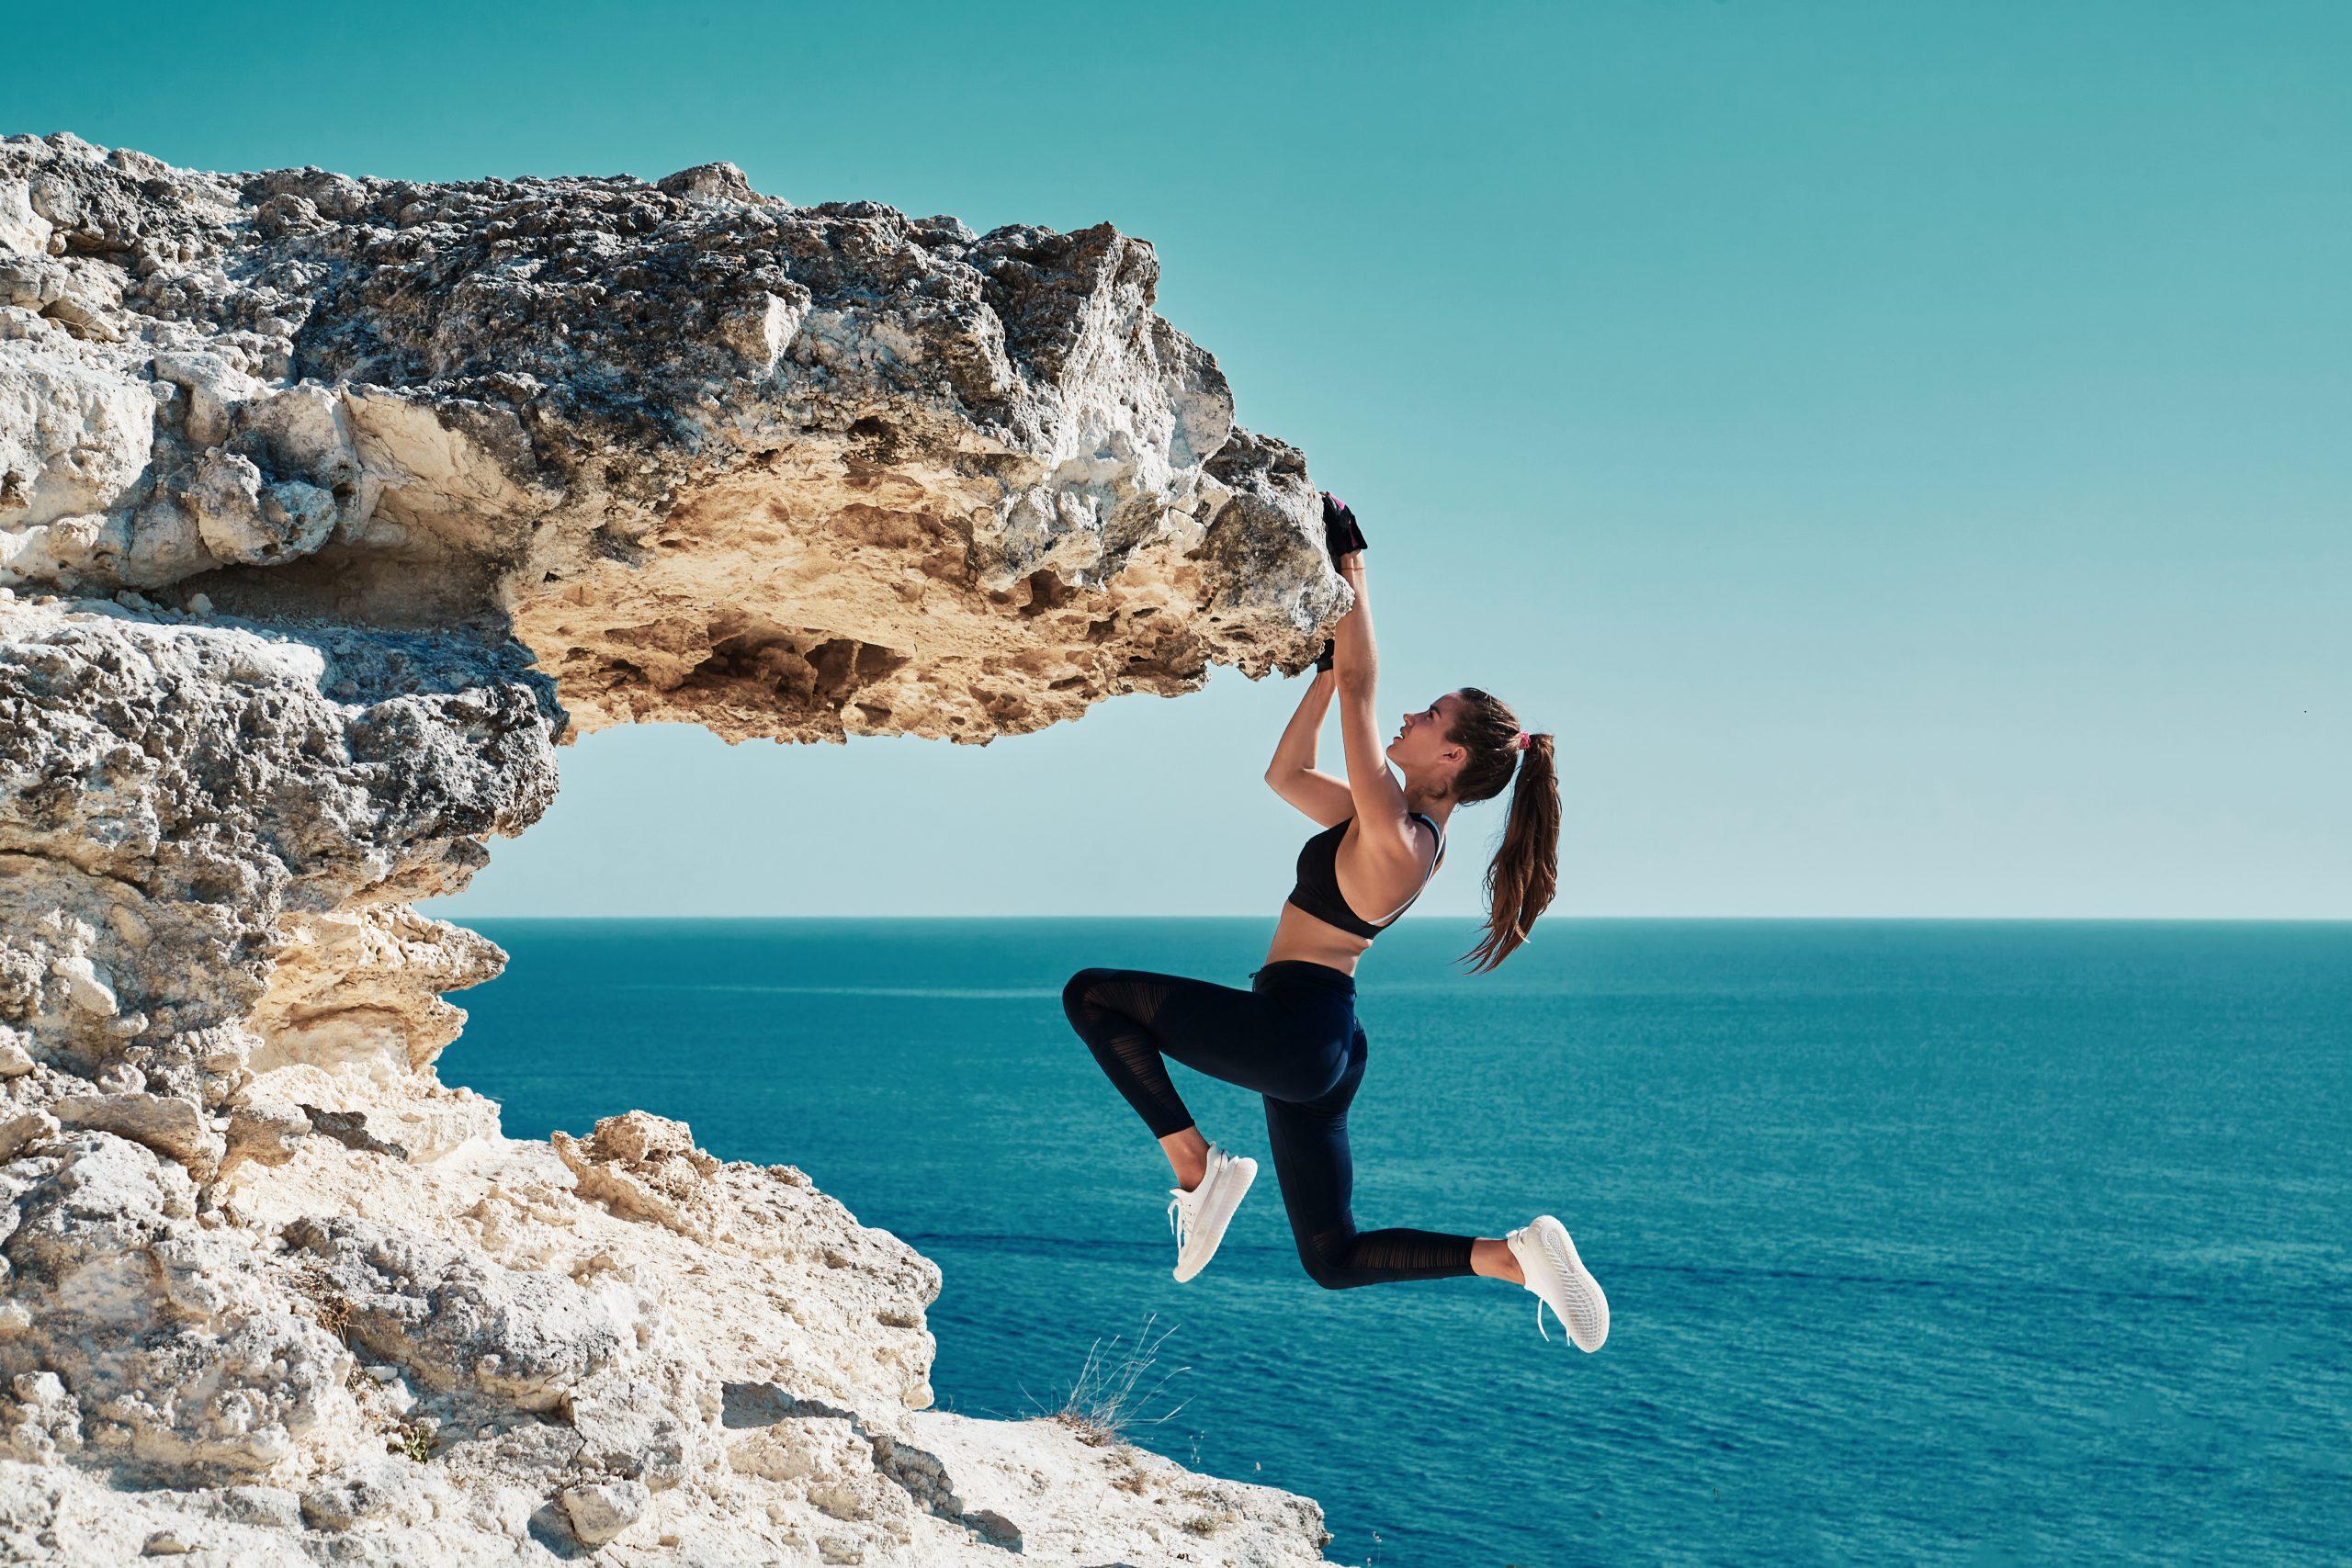 Vrouw die aan rots hangt in sportkledij